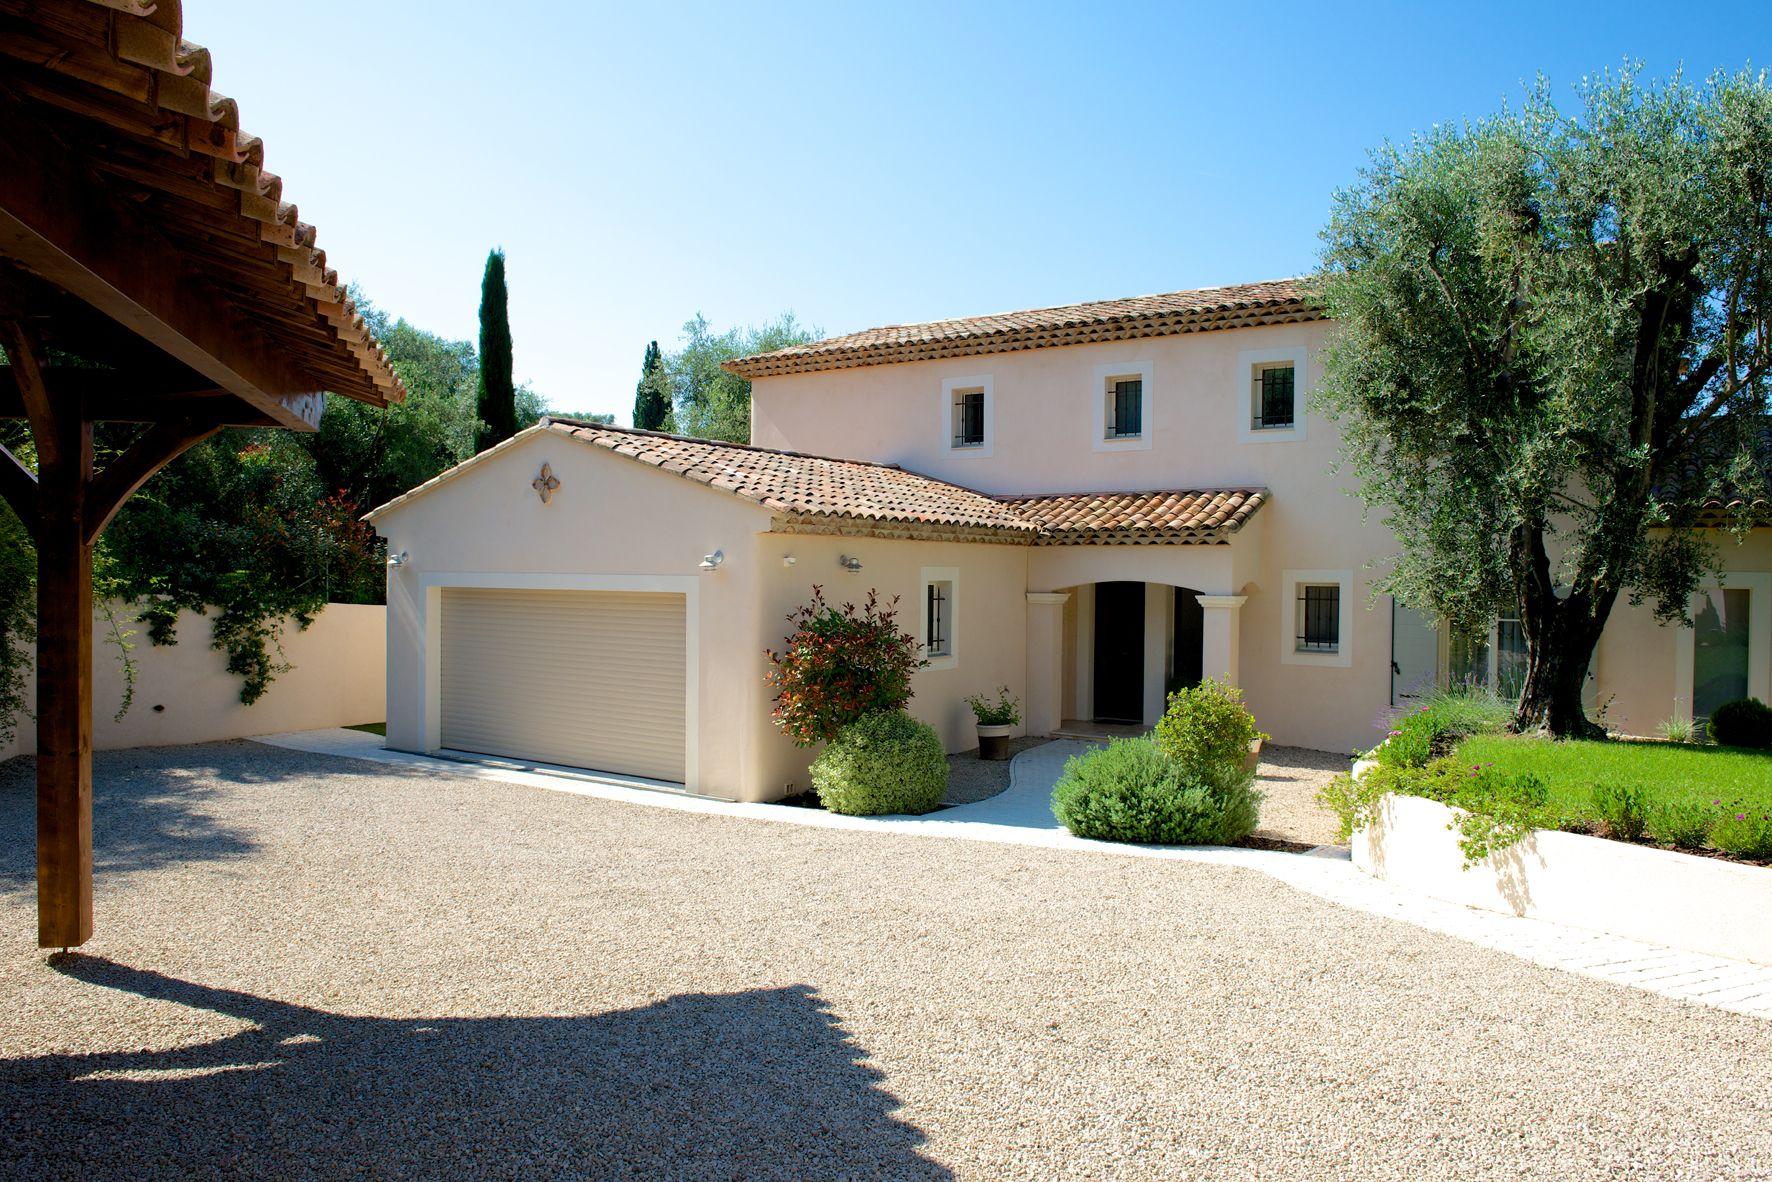 Epingle Par Mas Provence Sur Projet Maison Provencale Maison Darchitecte Modele Maison